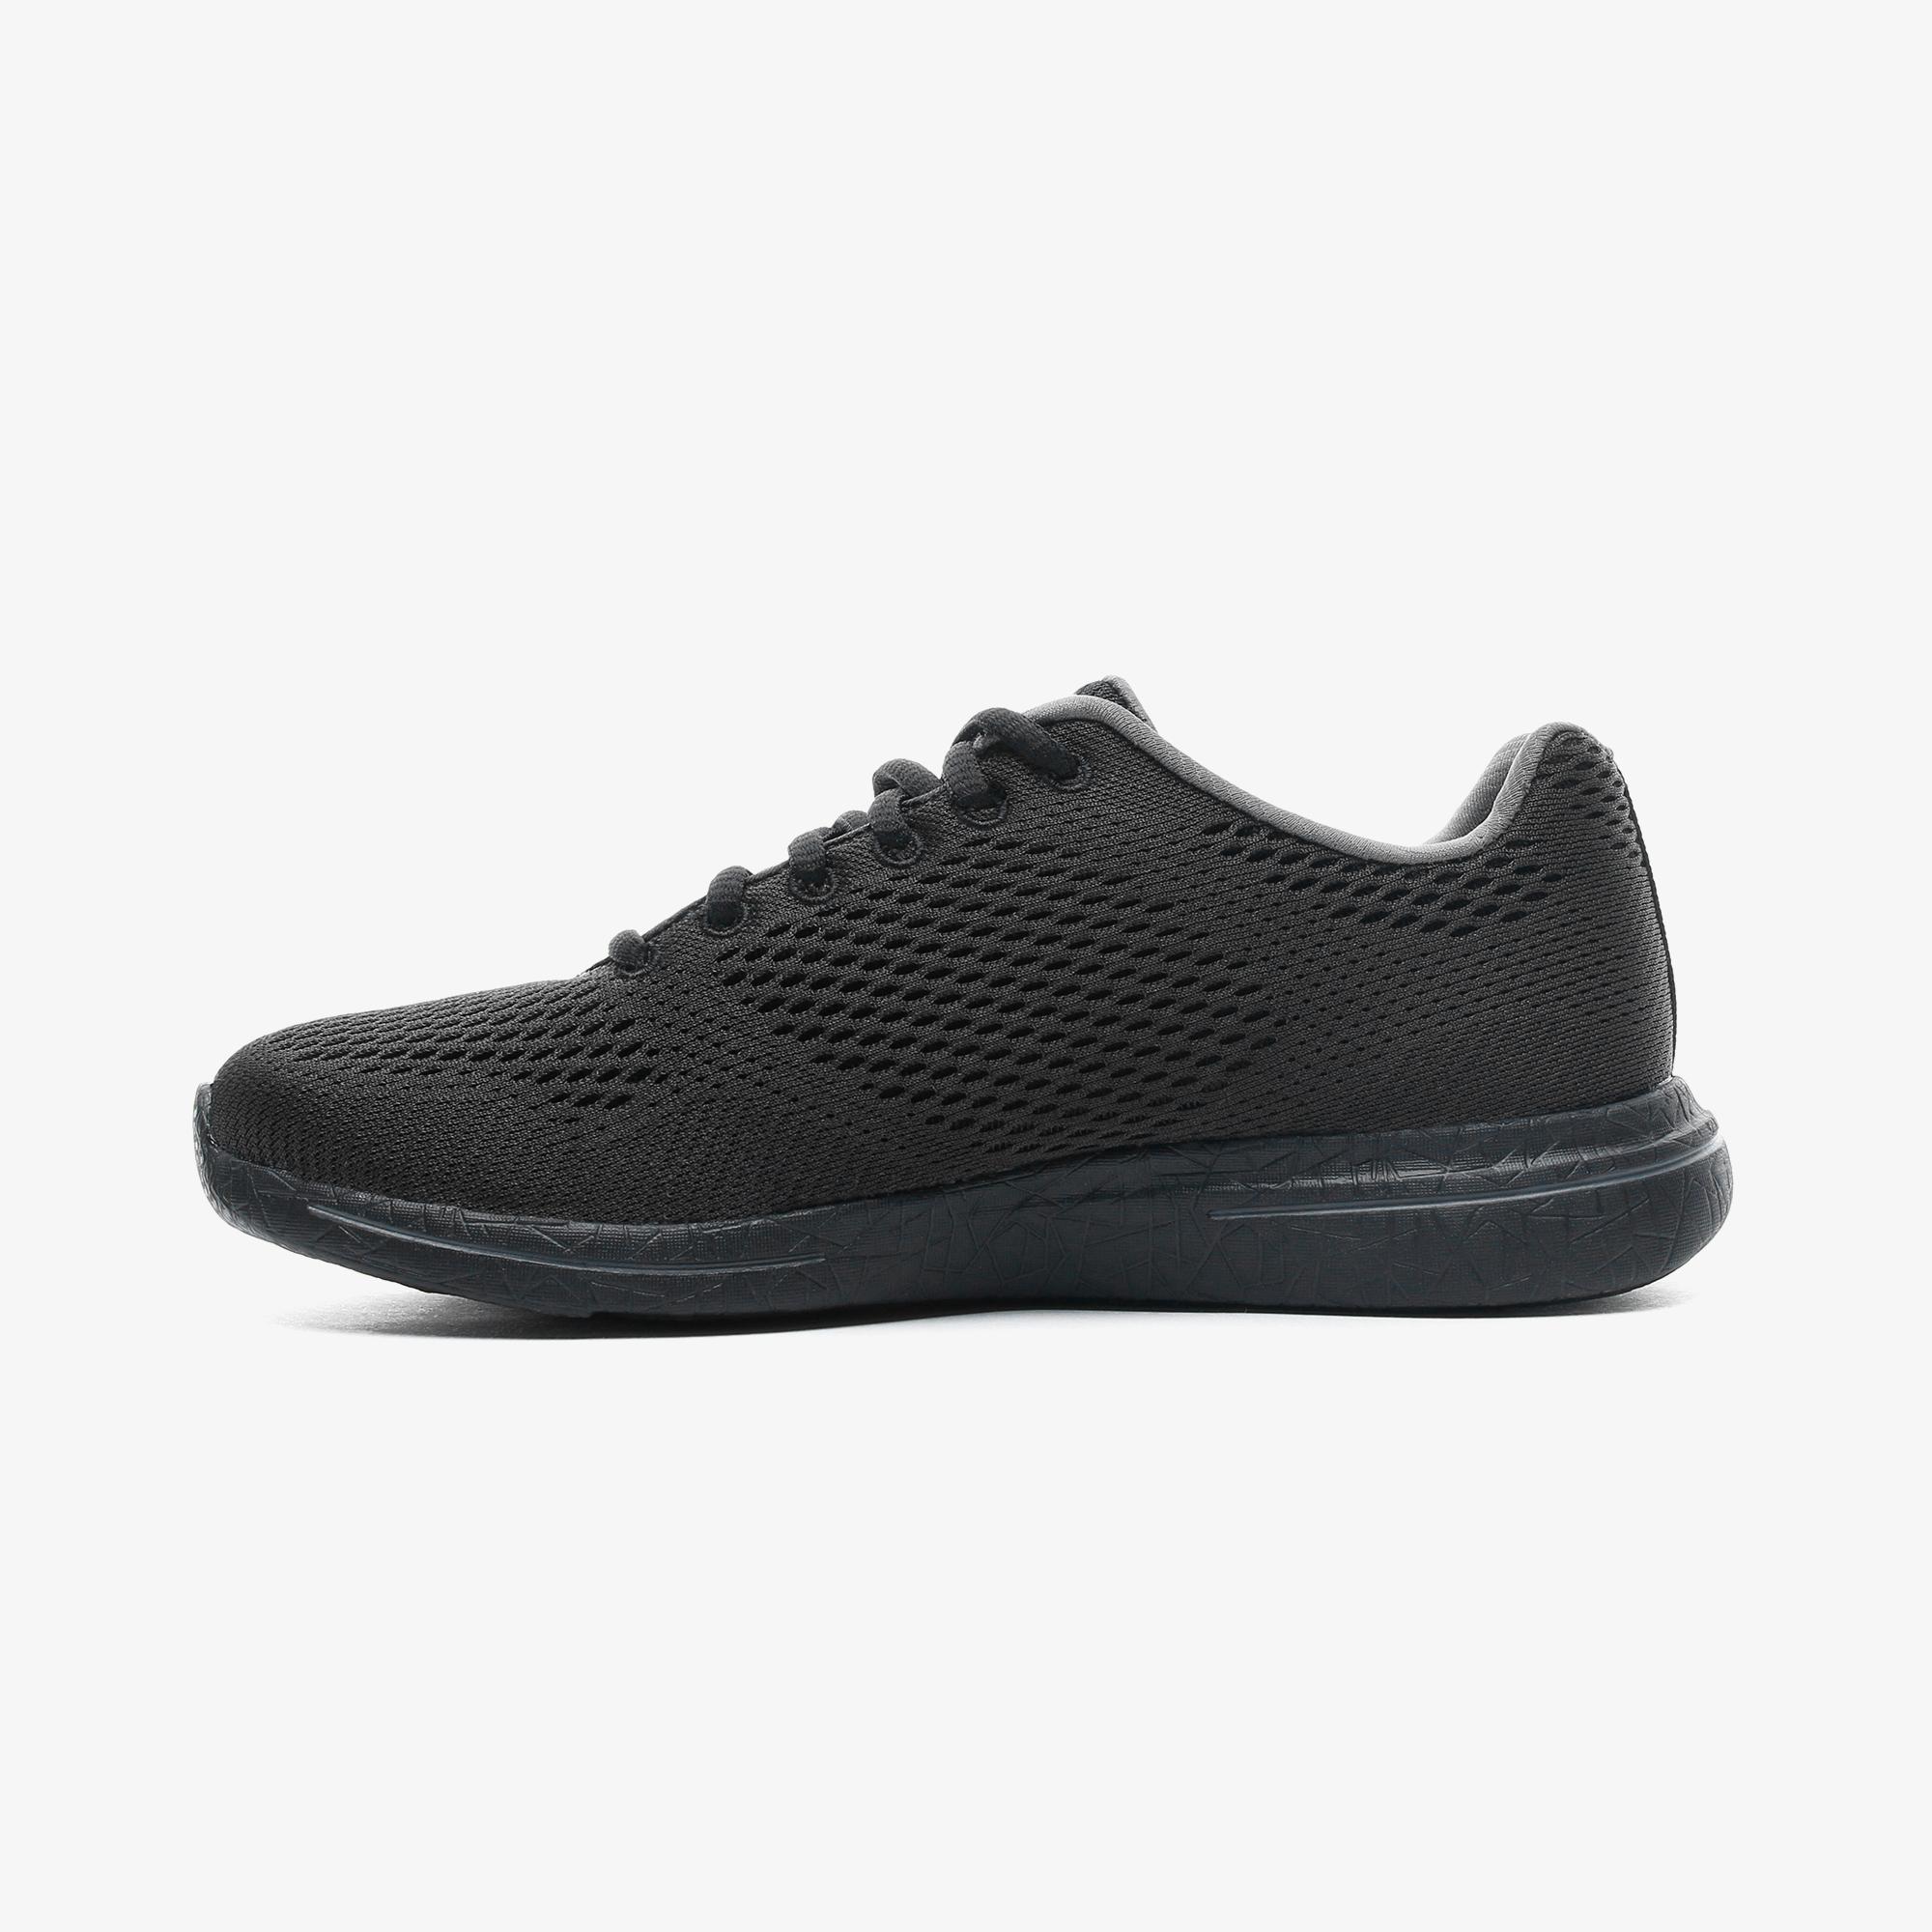 Skechers Burst 2.0 Kadın Siyah Spor Ayakkabı